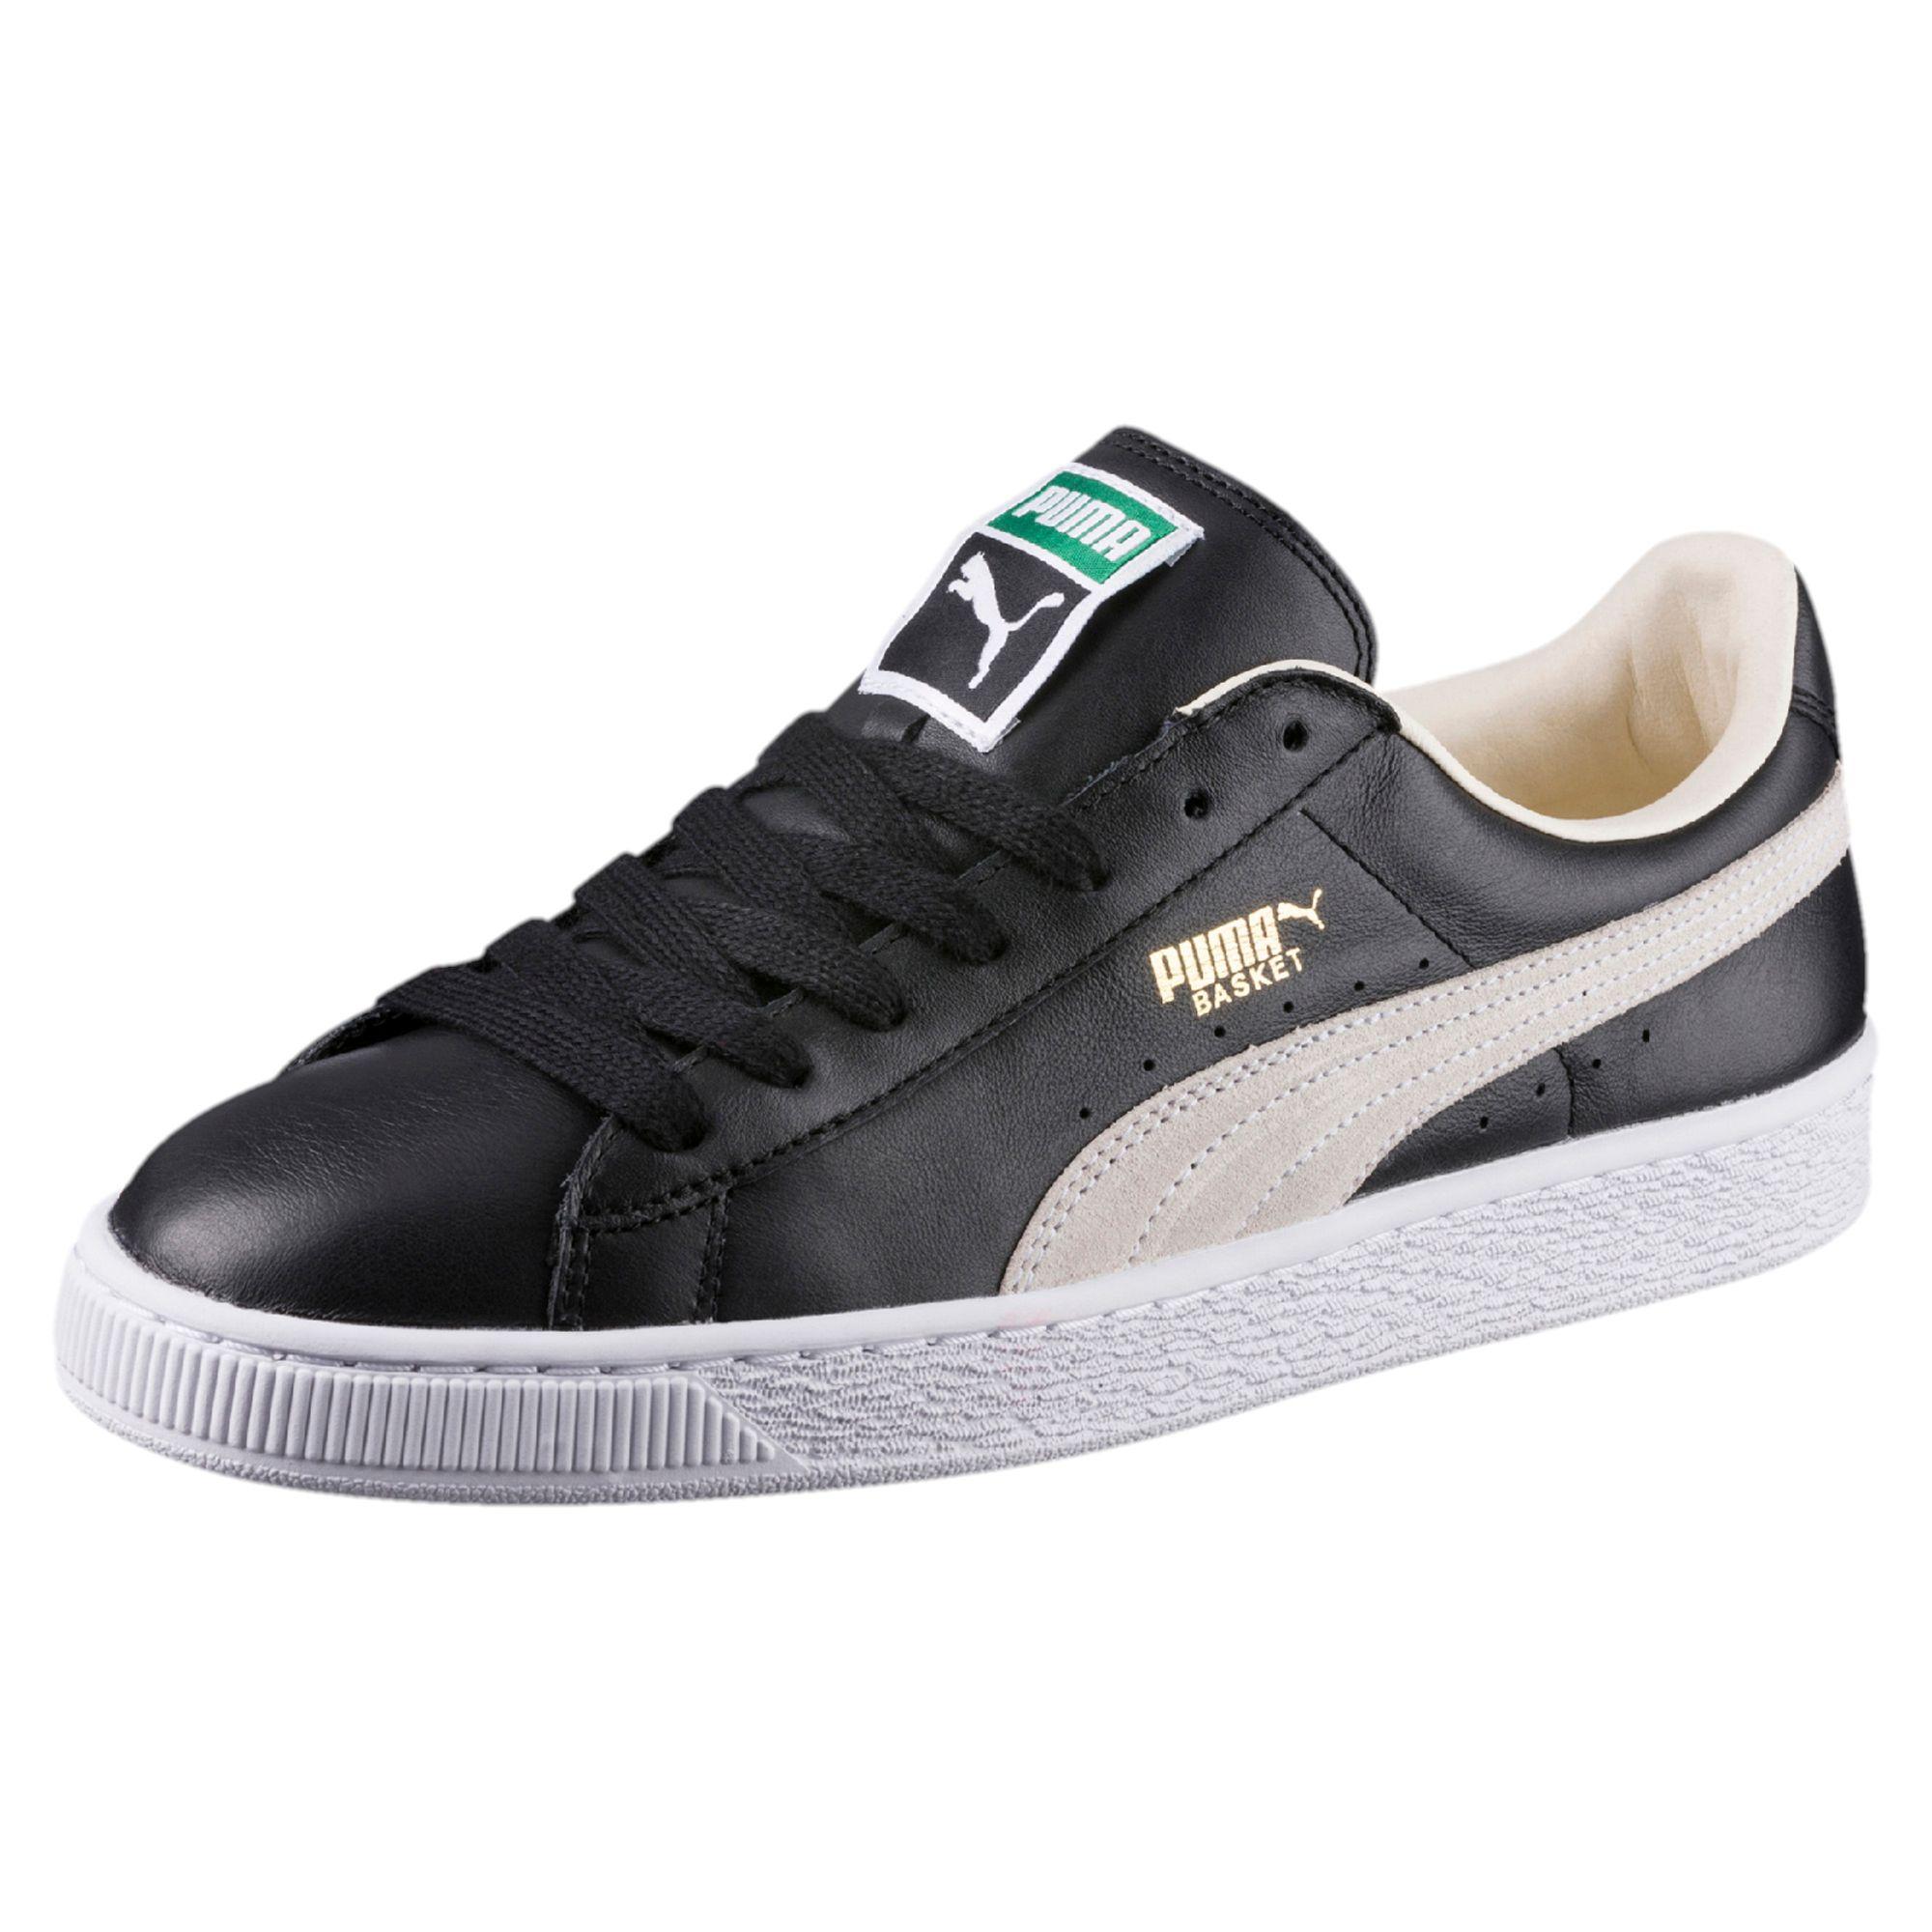 Puma zapatillas basket classic calzado deportivo zapatos for Calzado de seguridad deportivo